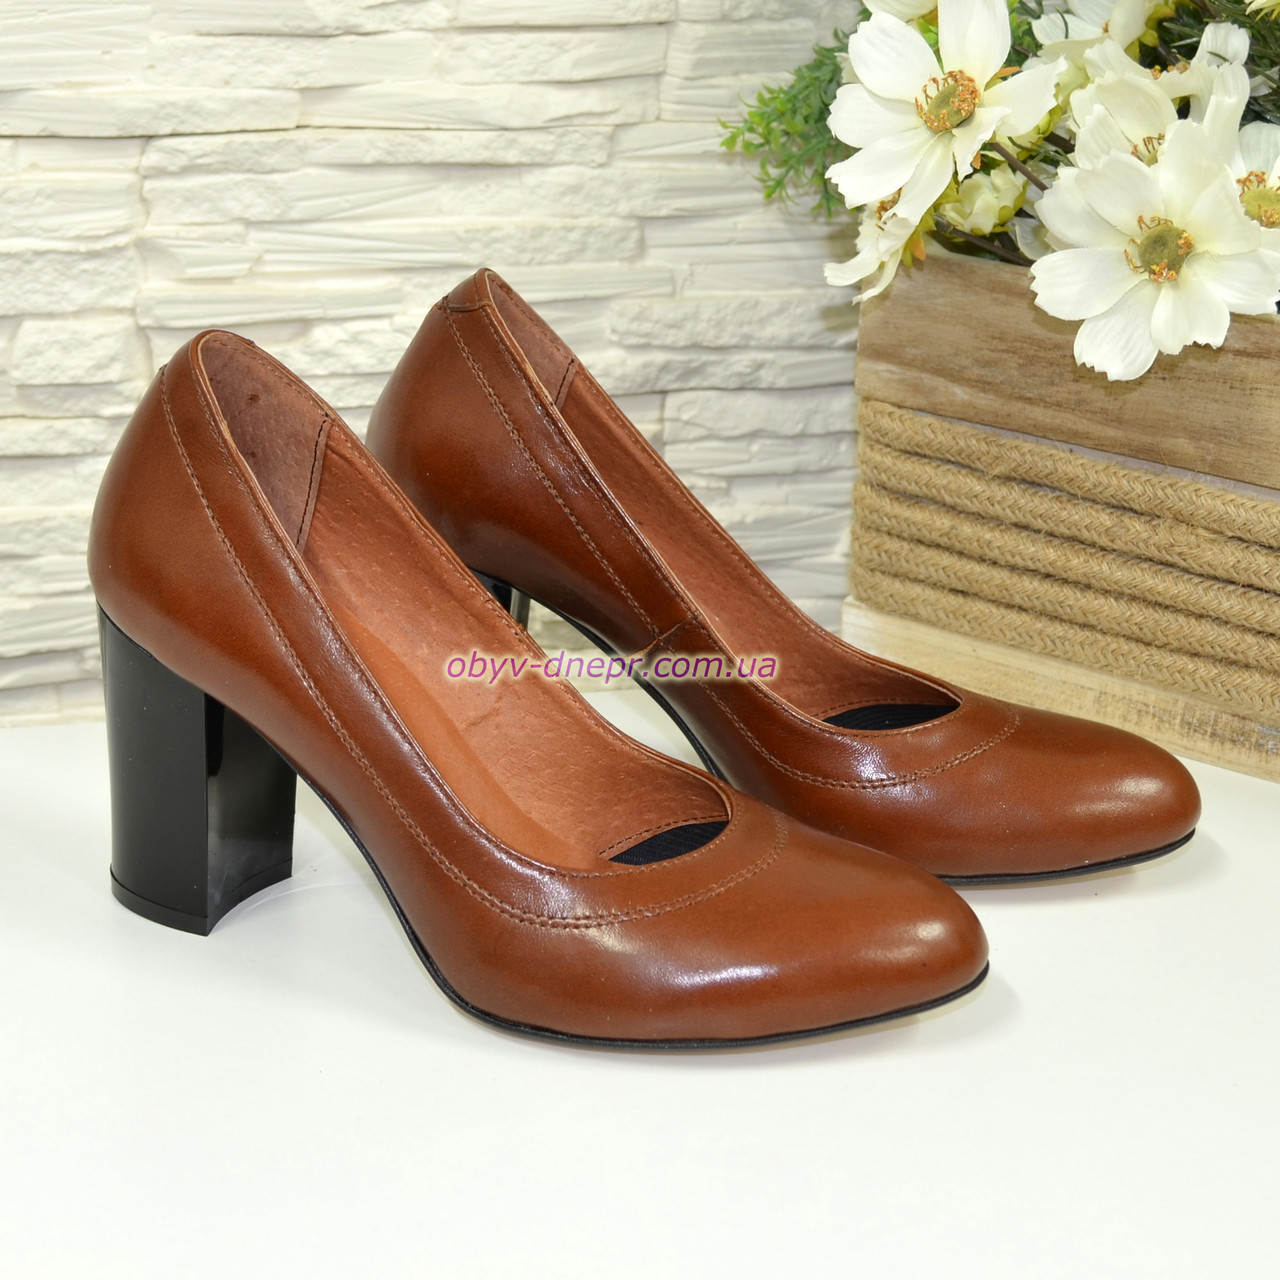 Кожаные женские туфли рыжего цвета на устойчивом высоком каблуке.